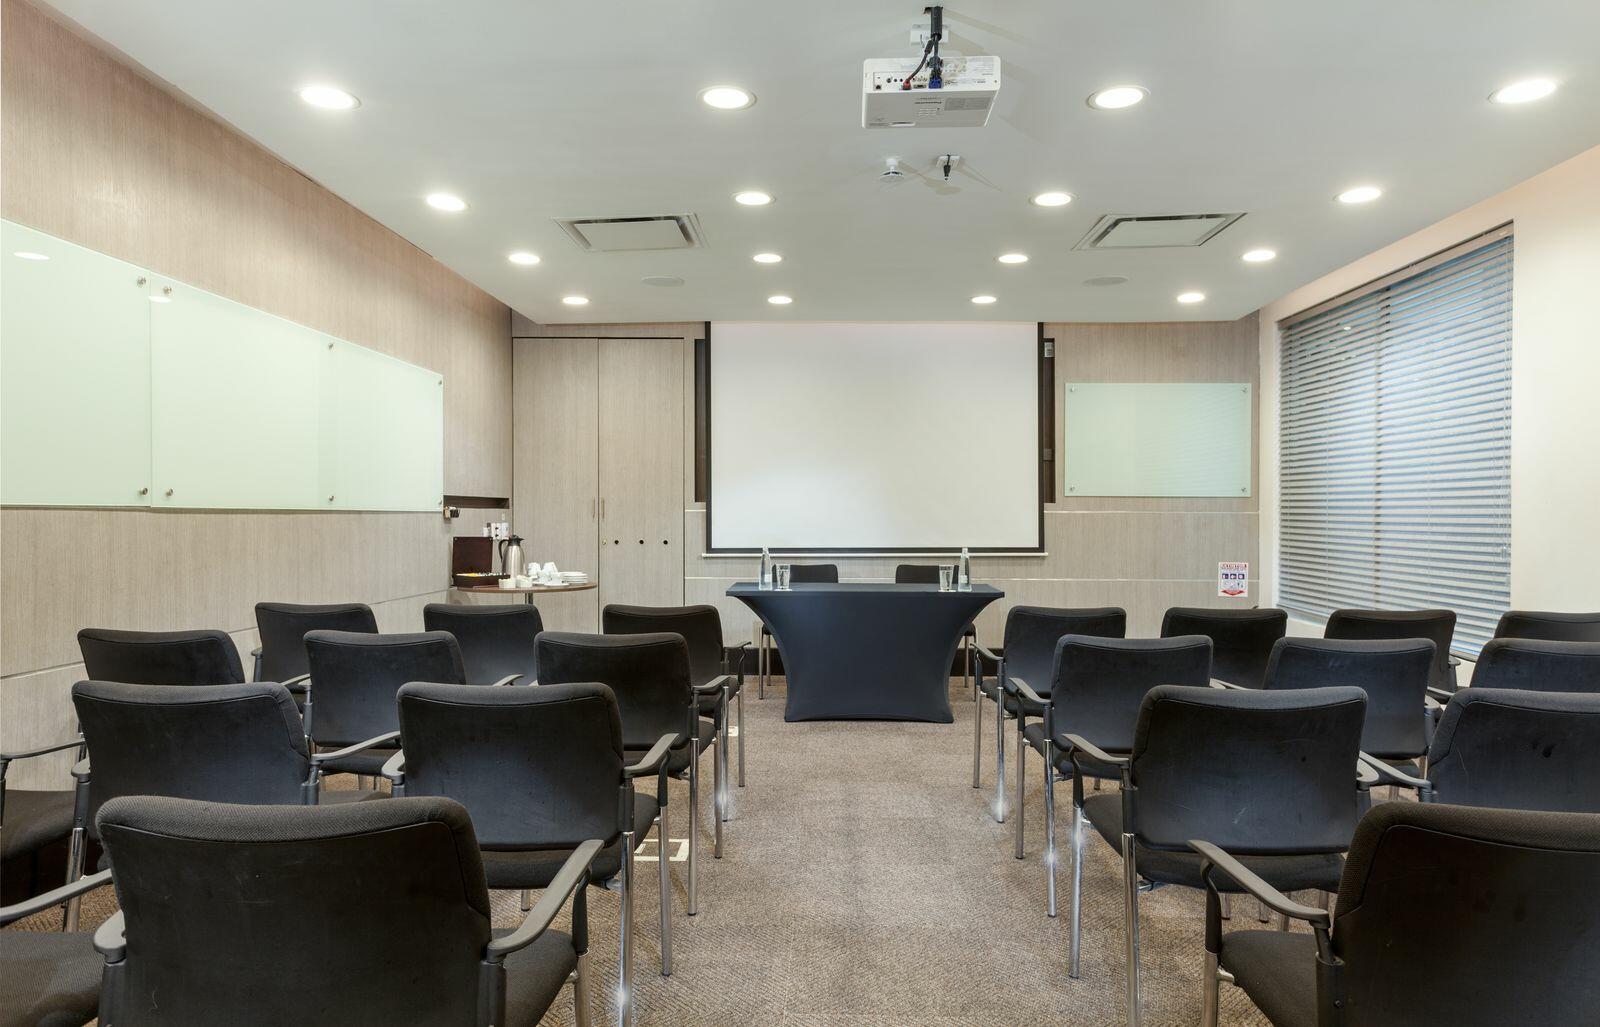 Meeting Room Auditorium Set Up